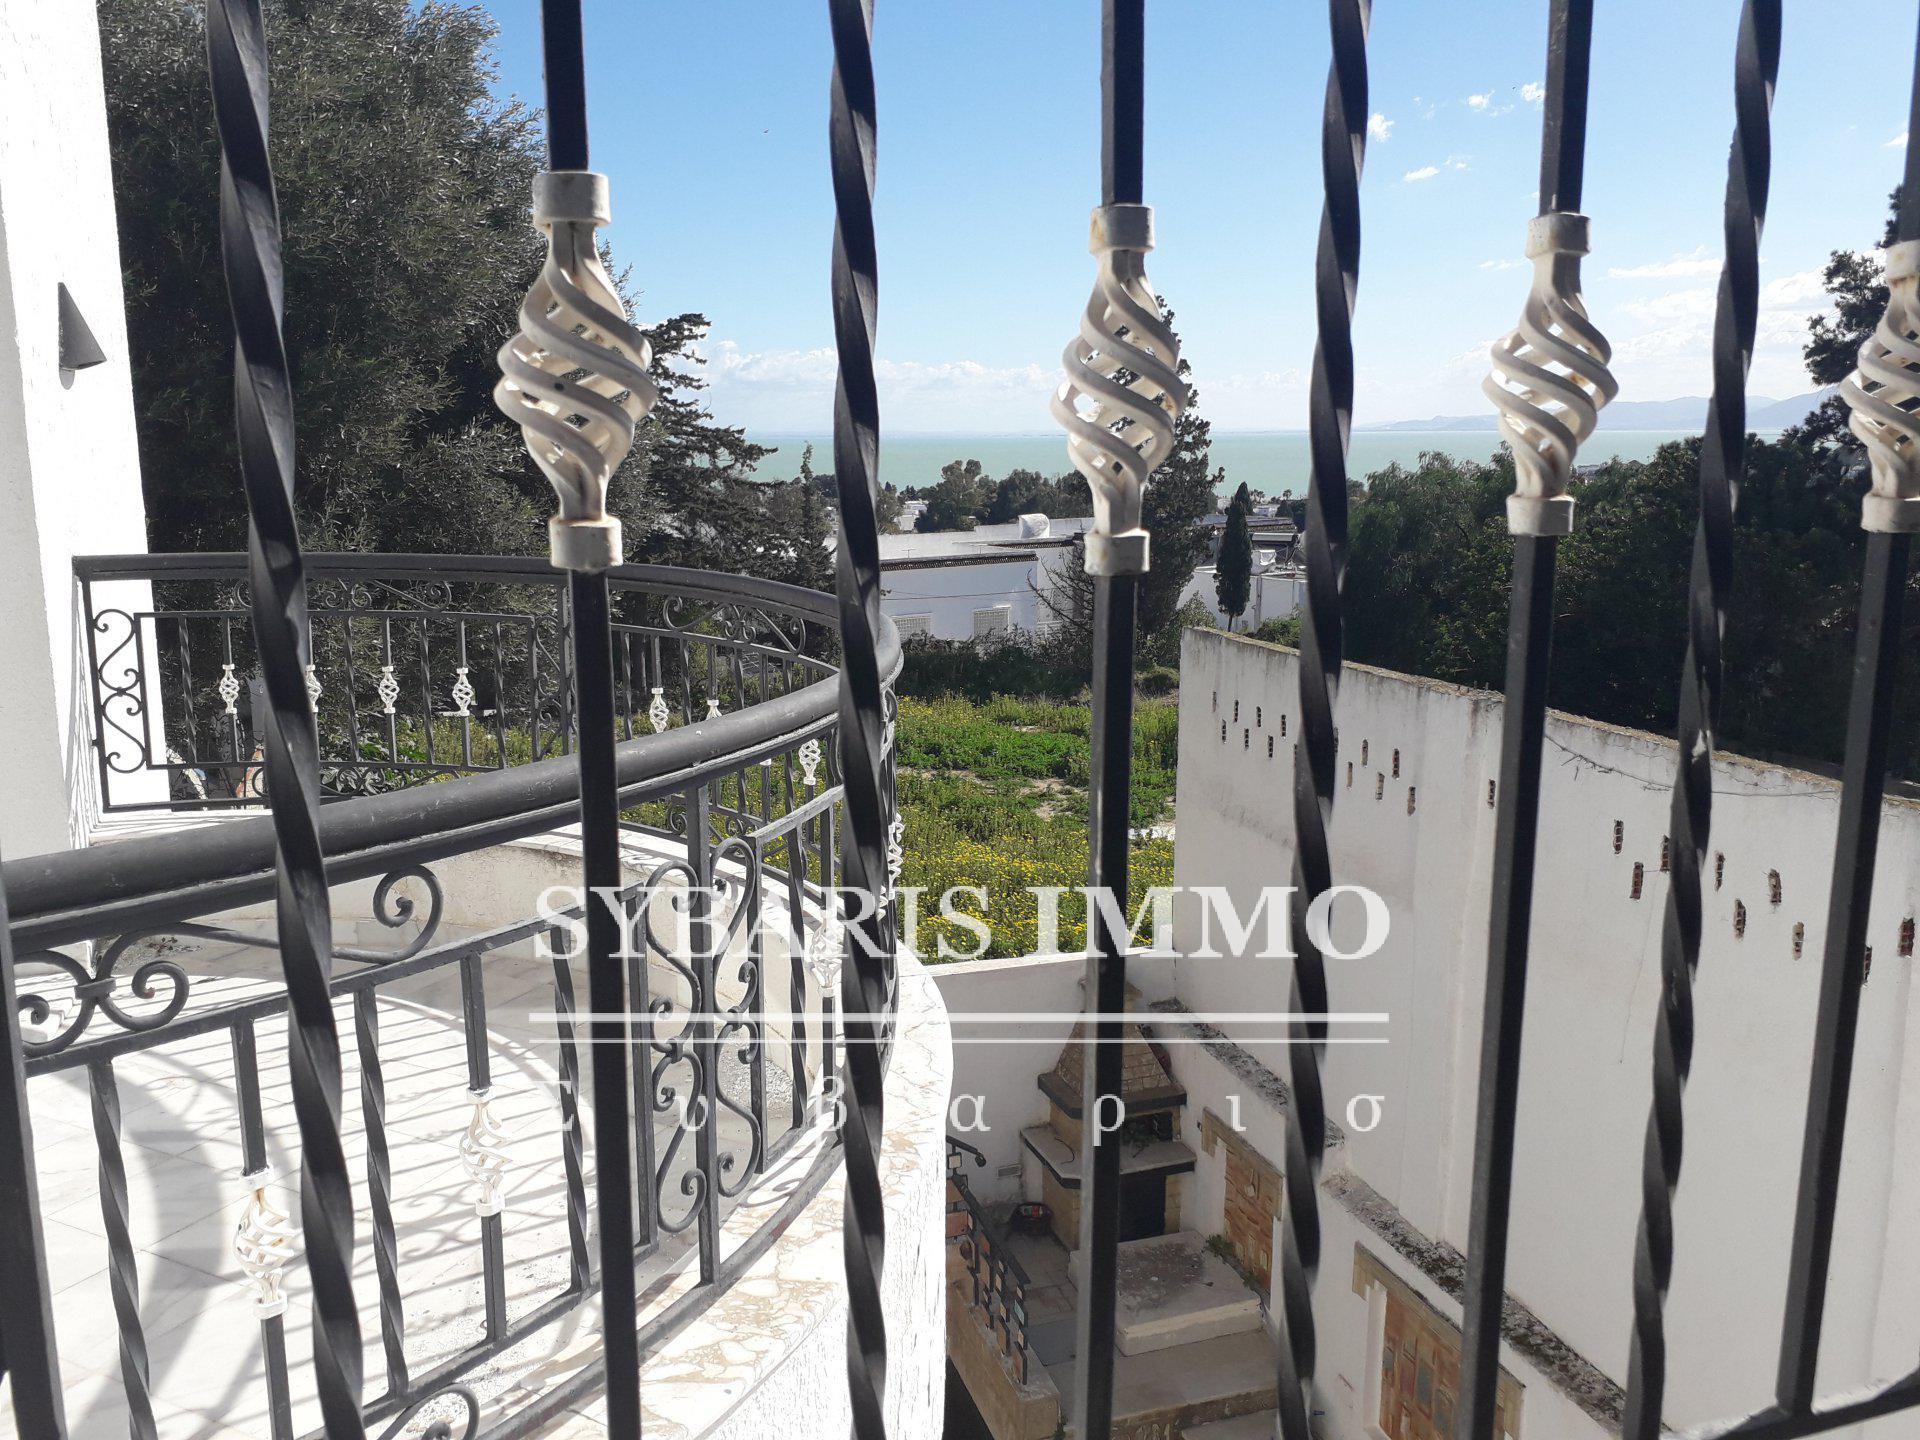 Vente villa avec vue sur mer à Carthage